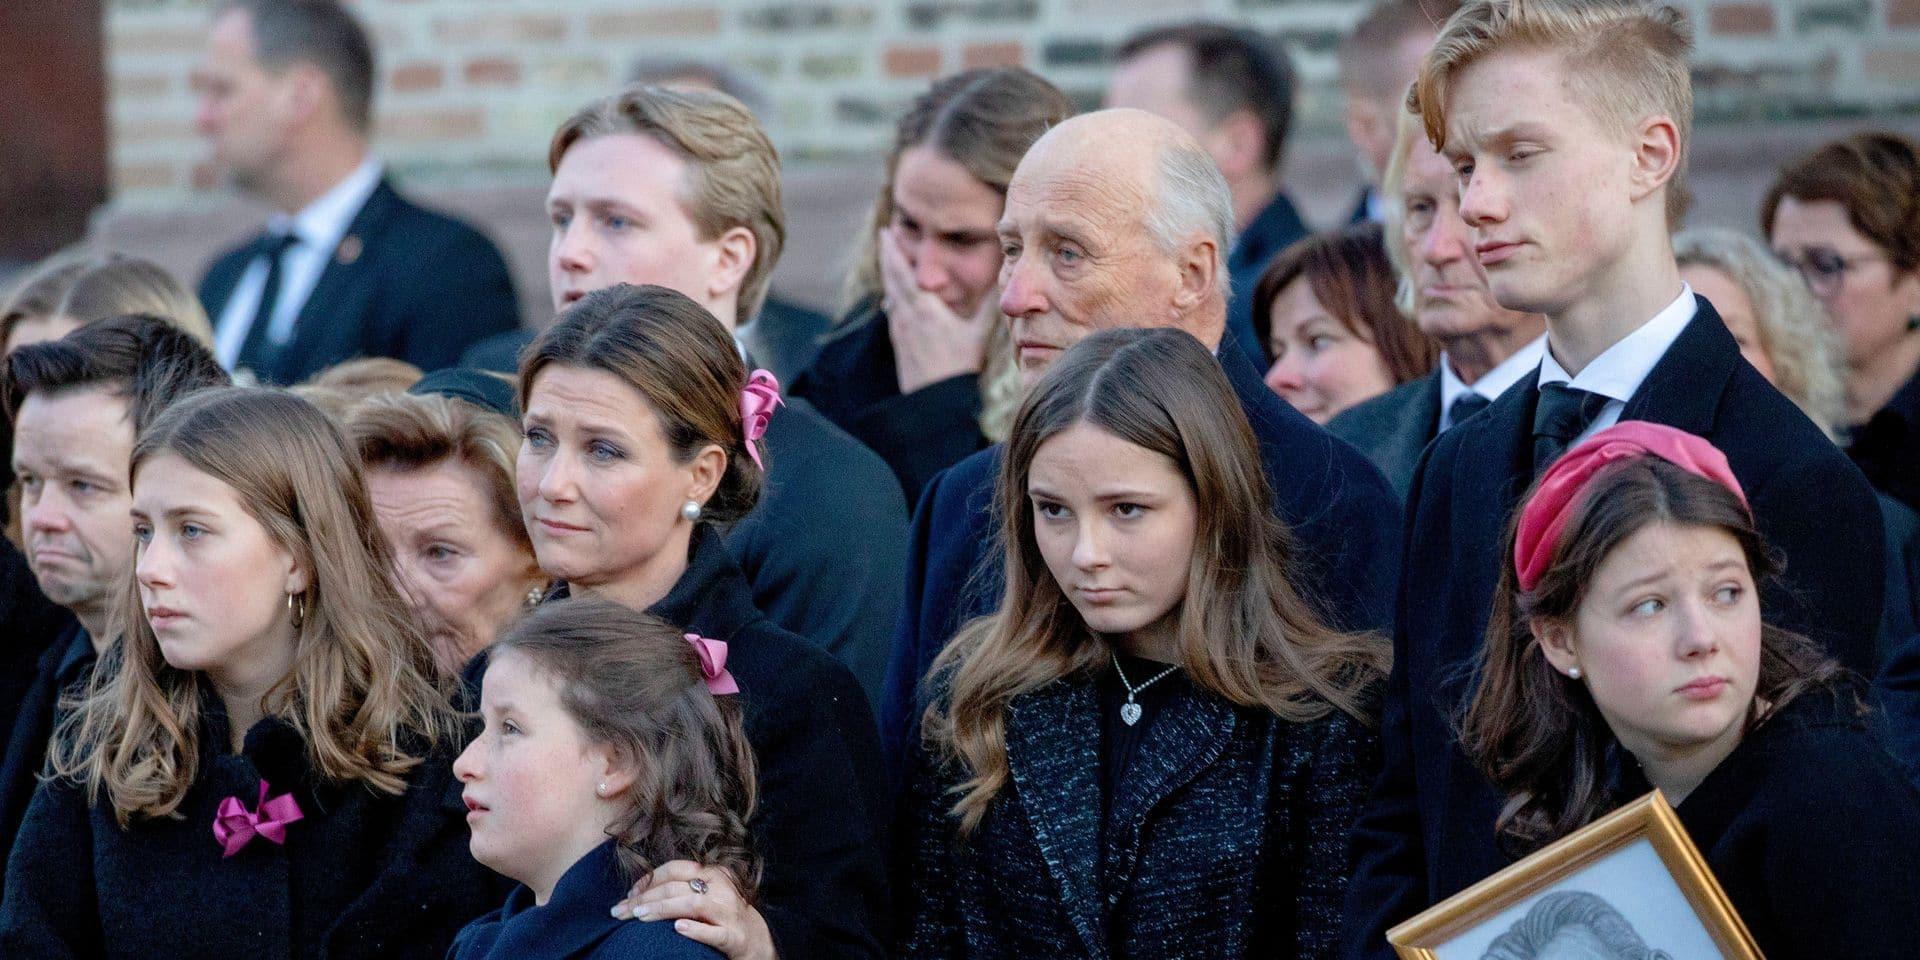 La grande amitié entre les familles royales de Norvège et des Pays-Bas